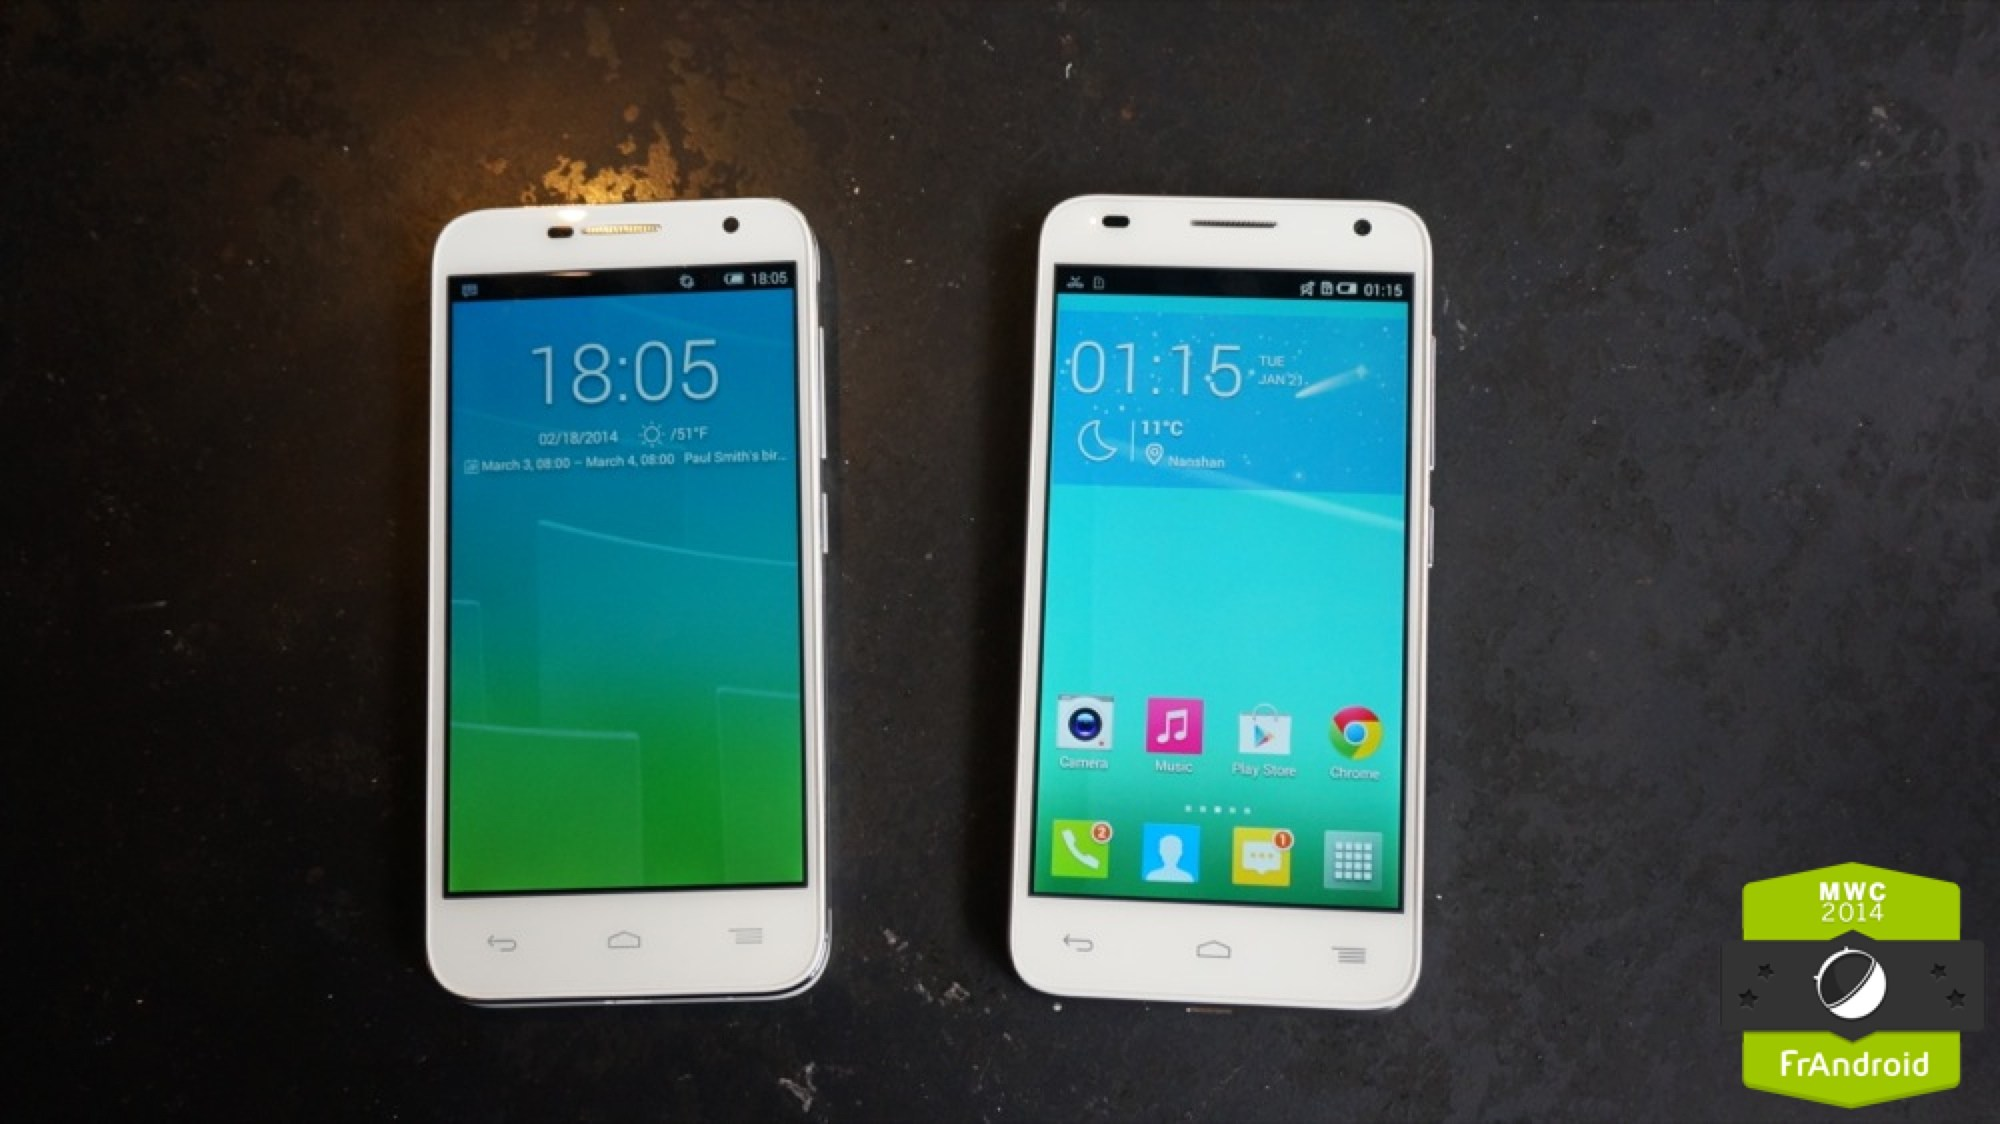 Prise en main des Alcatel One Touch Idol 2 mini et 2 mini S, de l'Android en 4,5 pouces